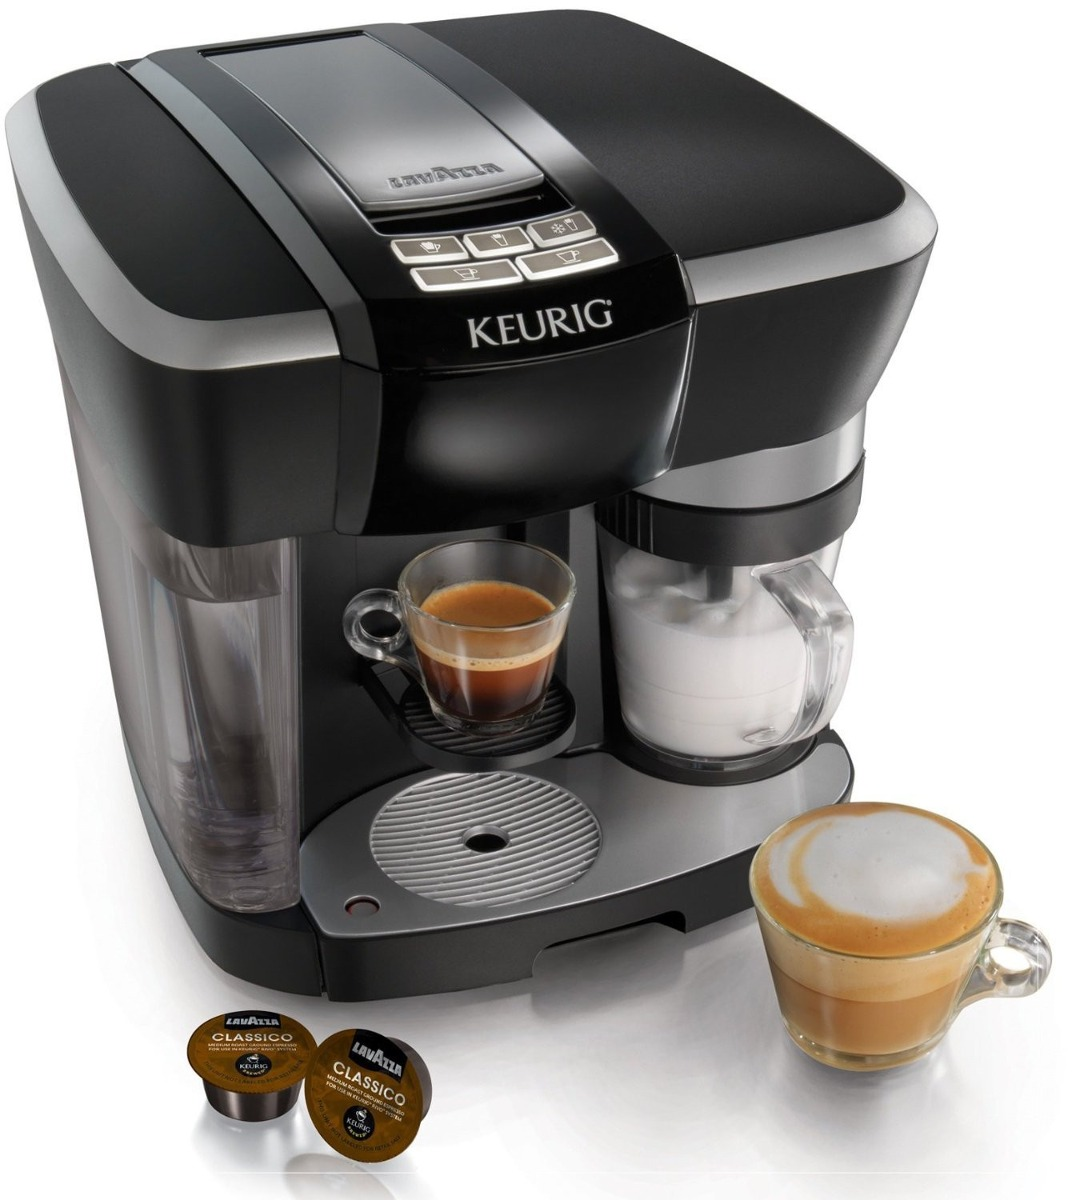 Cafetera keurig precio